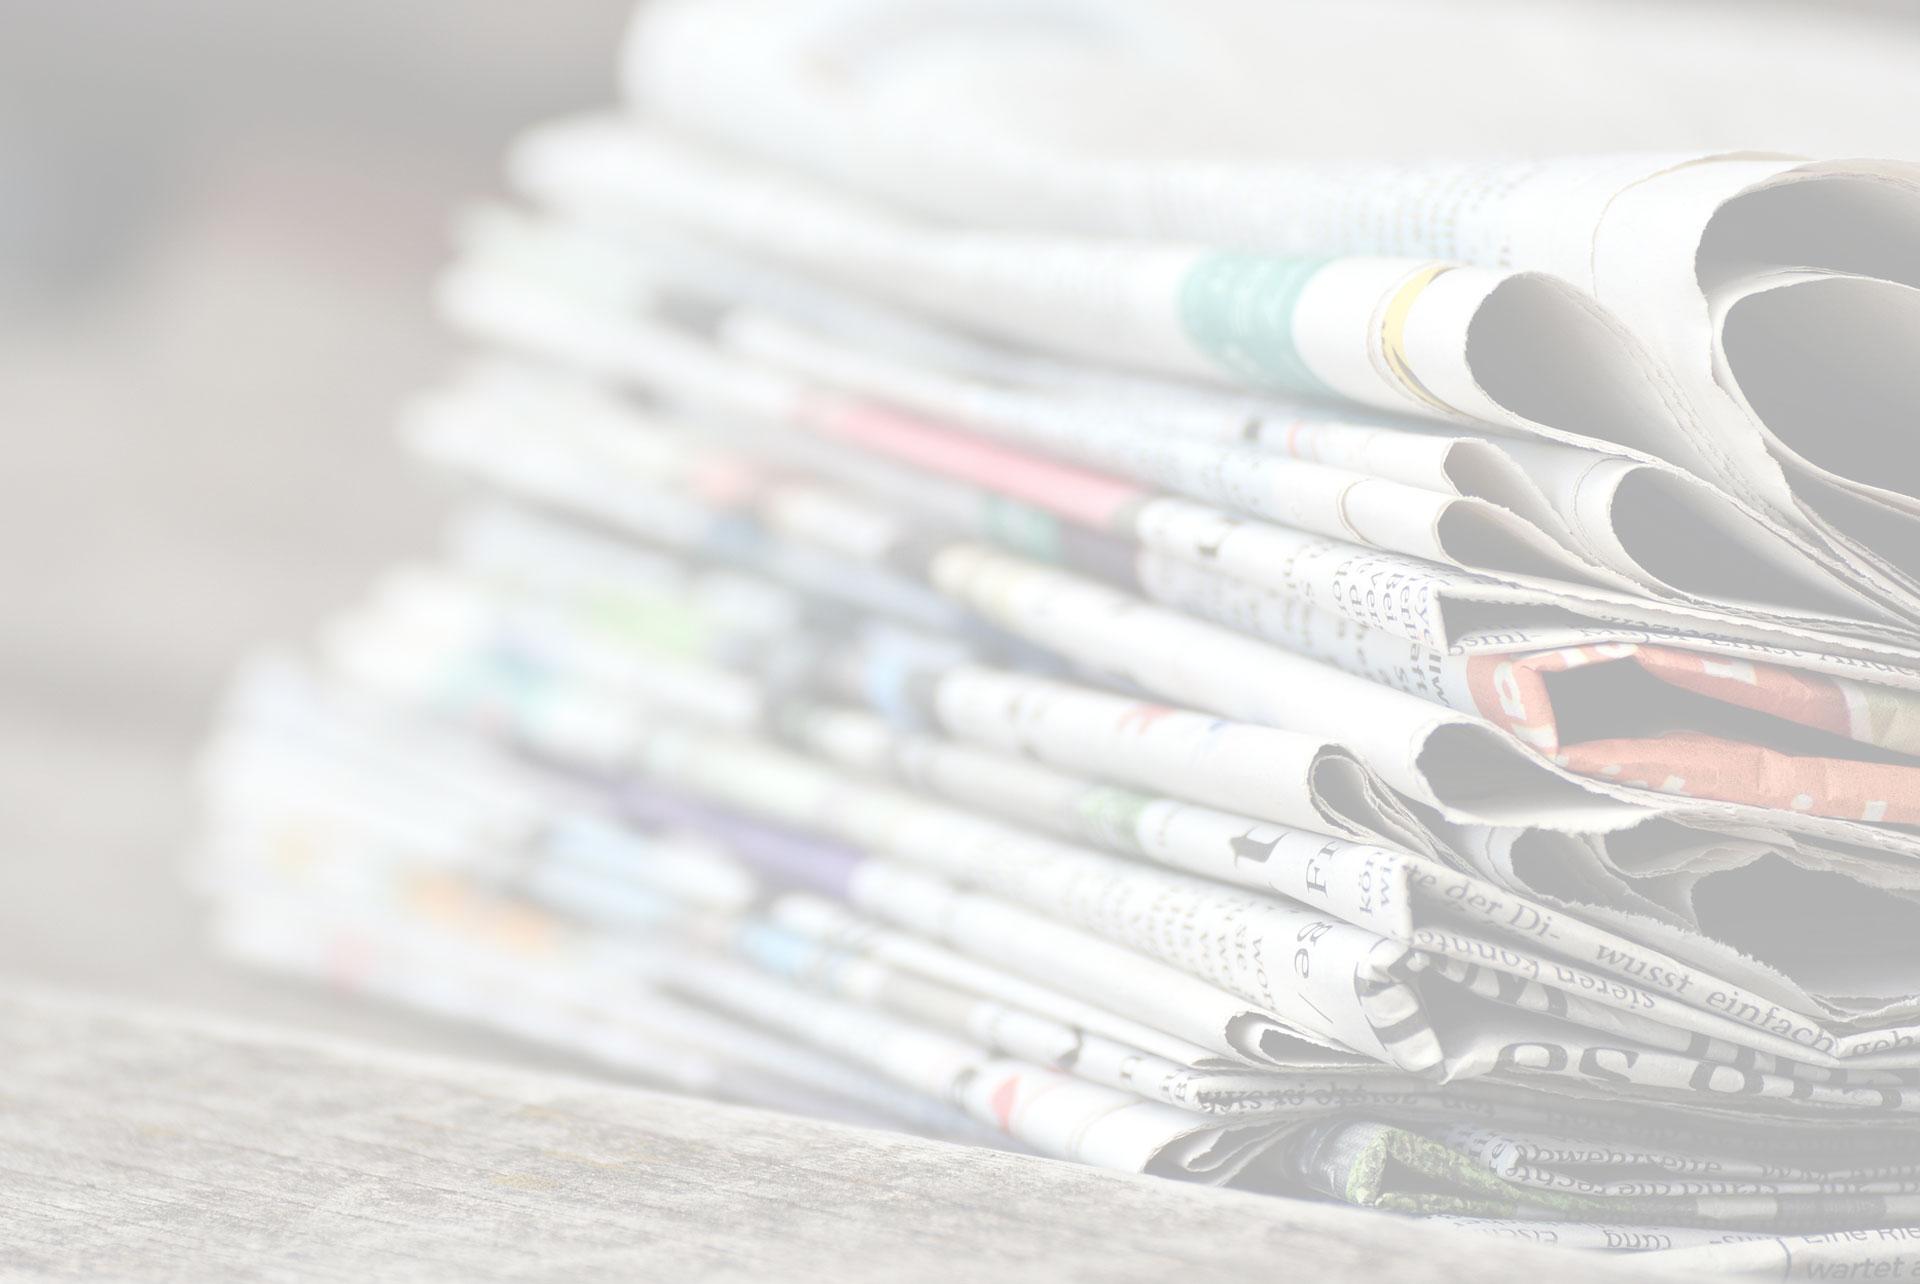 criptovalute sicurezza bitcoin